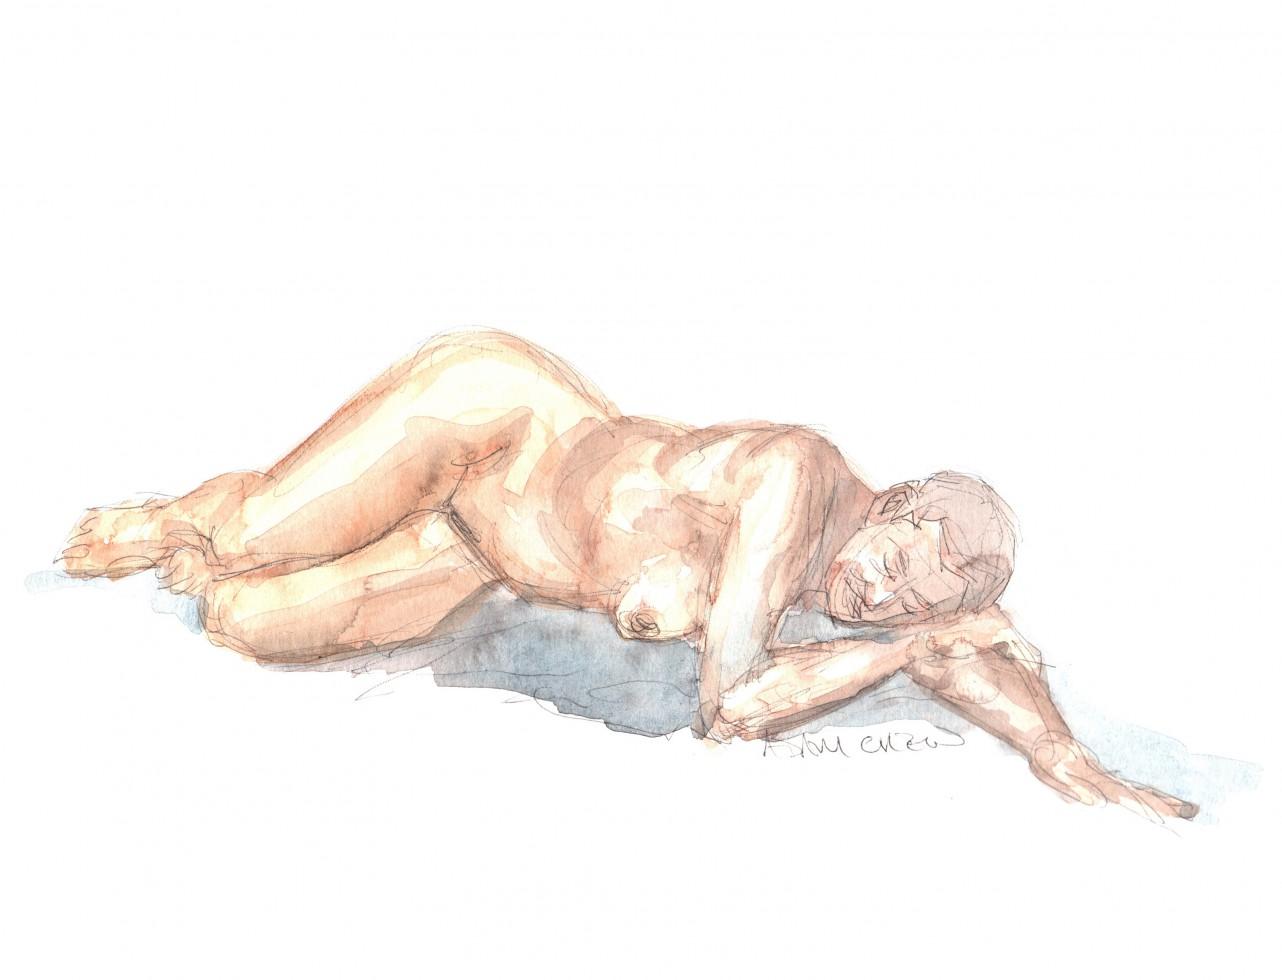 More laying Around - Adam Chew, 2014